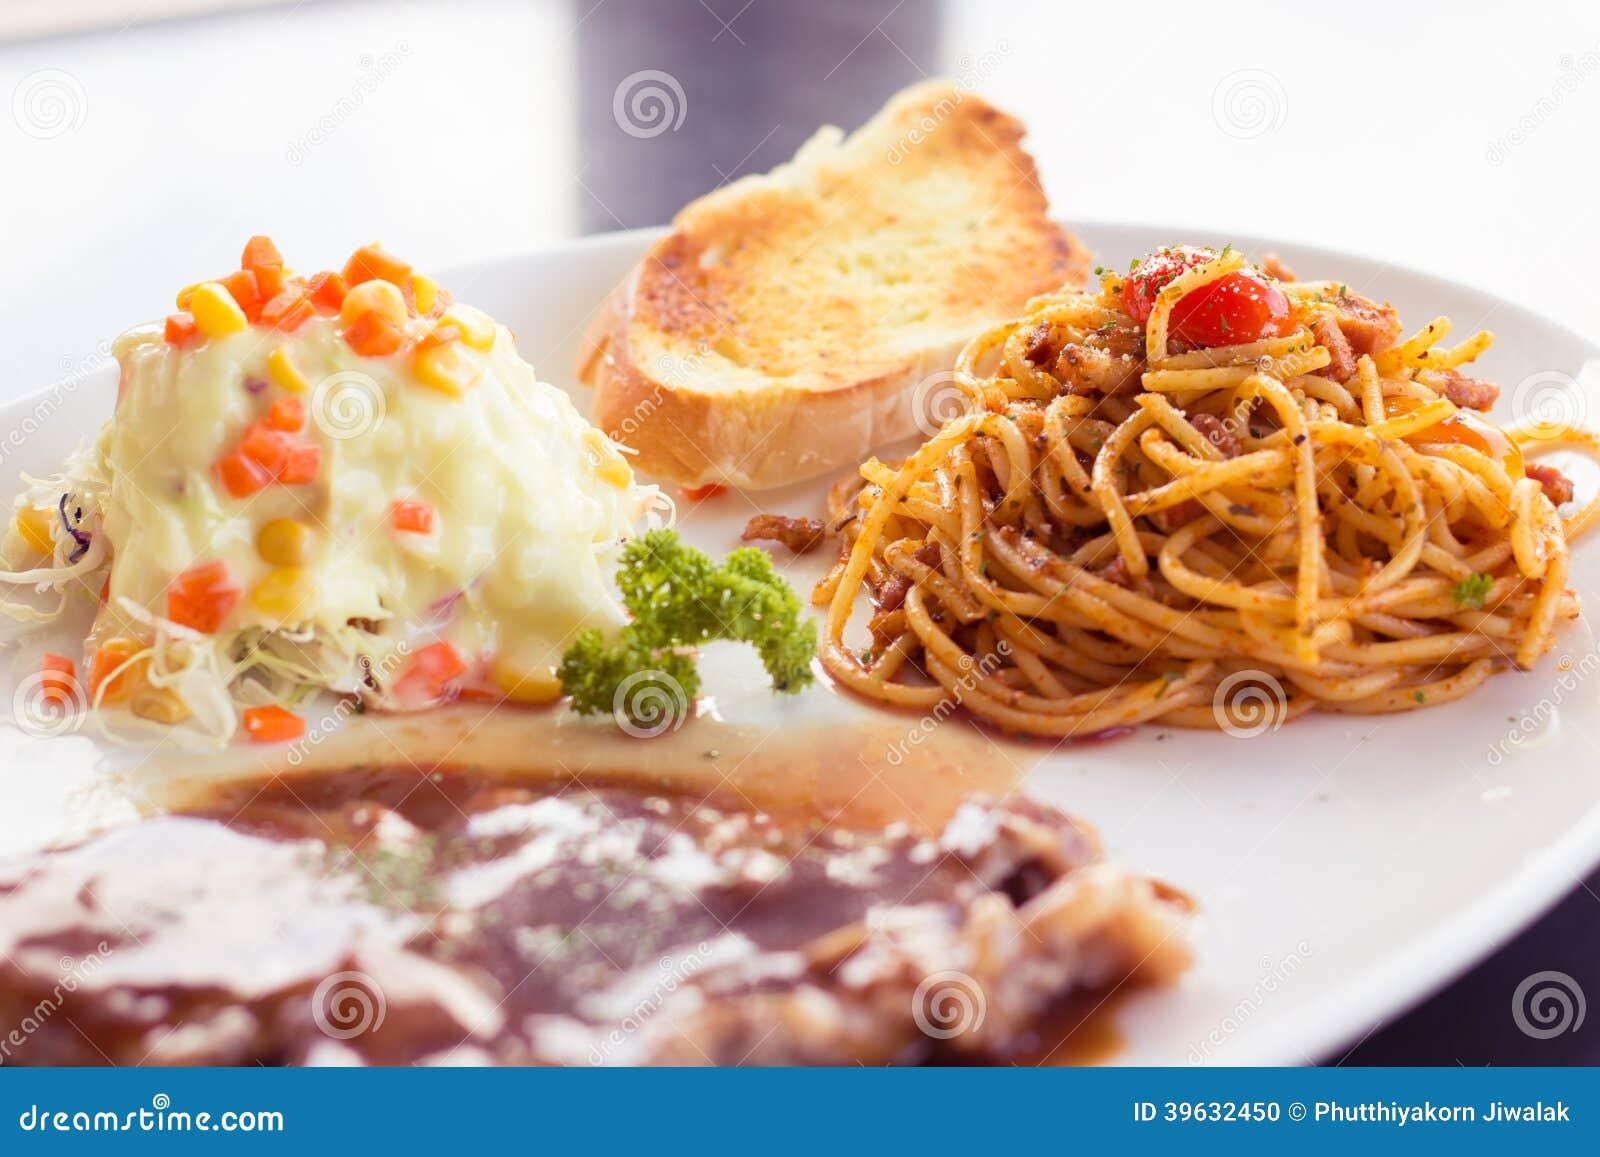 Spaghetti nel mio pranzo